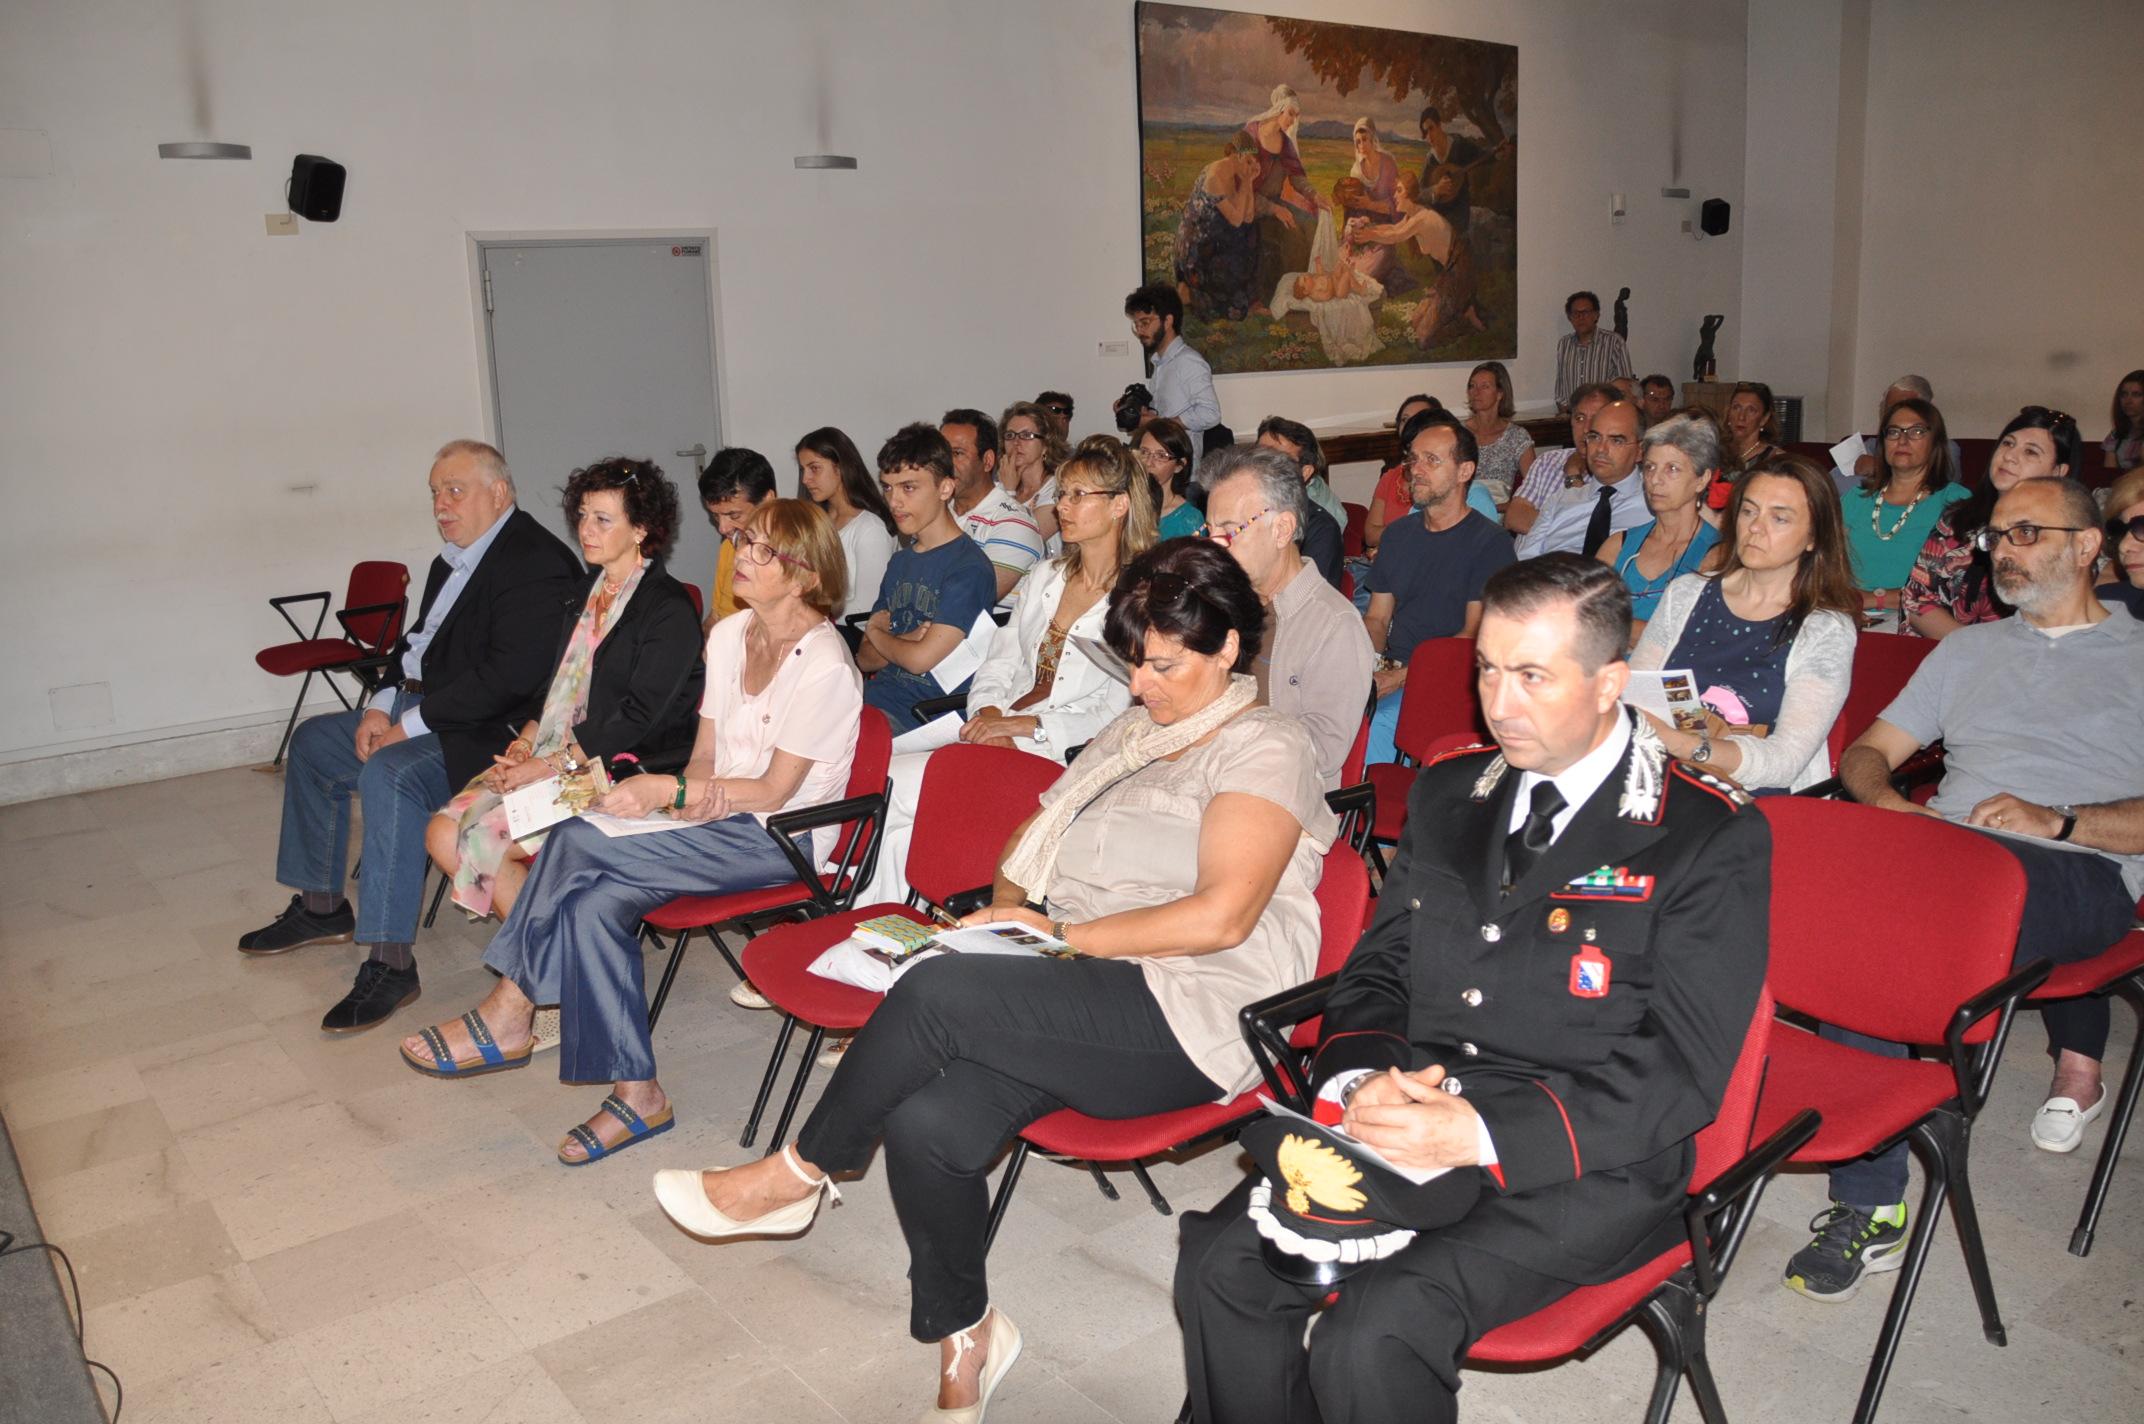 Si è celebrata a Benevento la Giornata Mondiale del Rifugiato